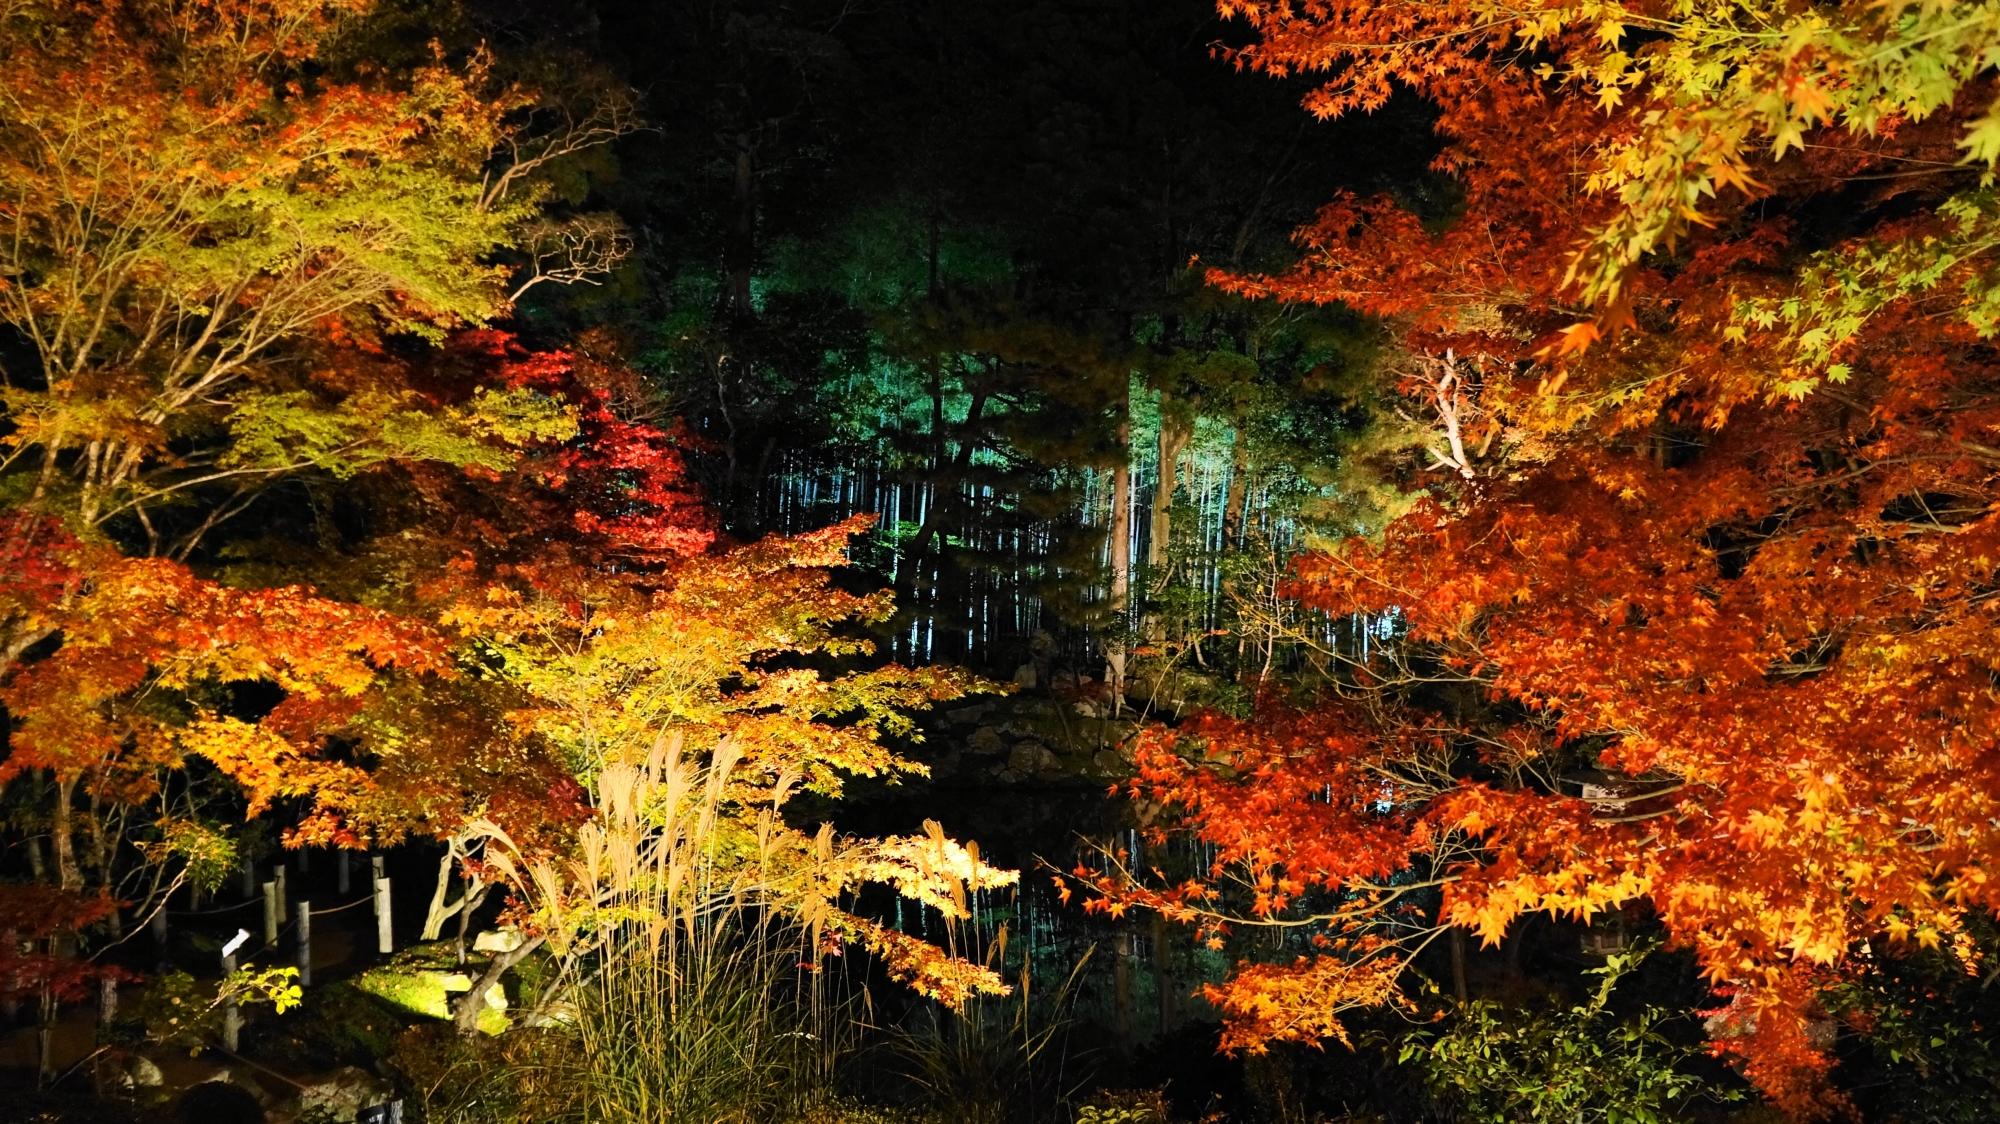 天寿庵の鮮やかな紅葉と奥の緑の竹林